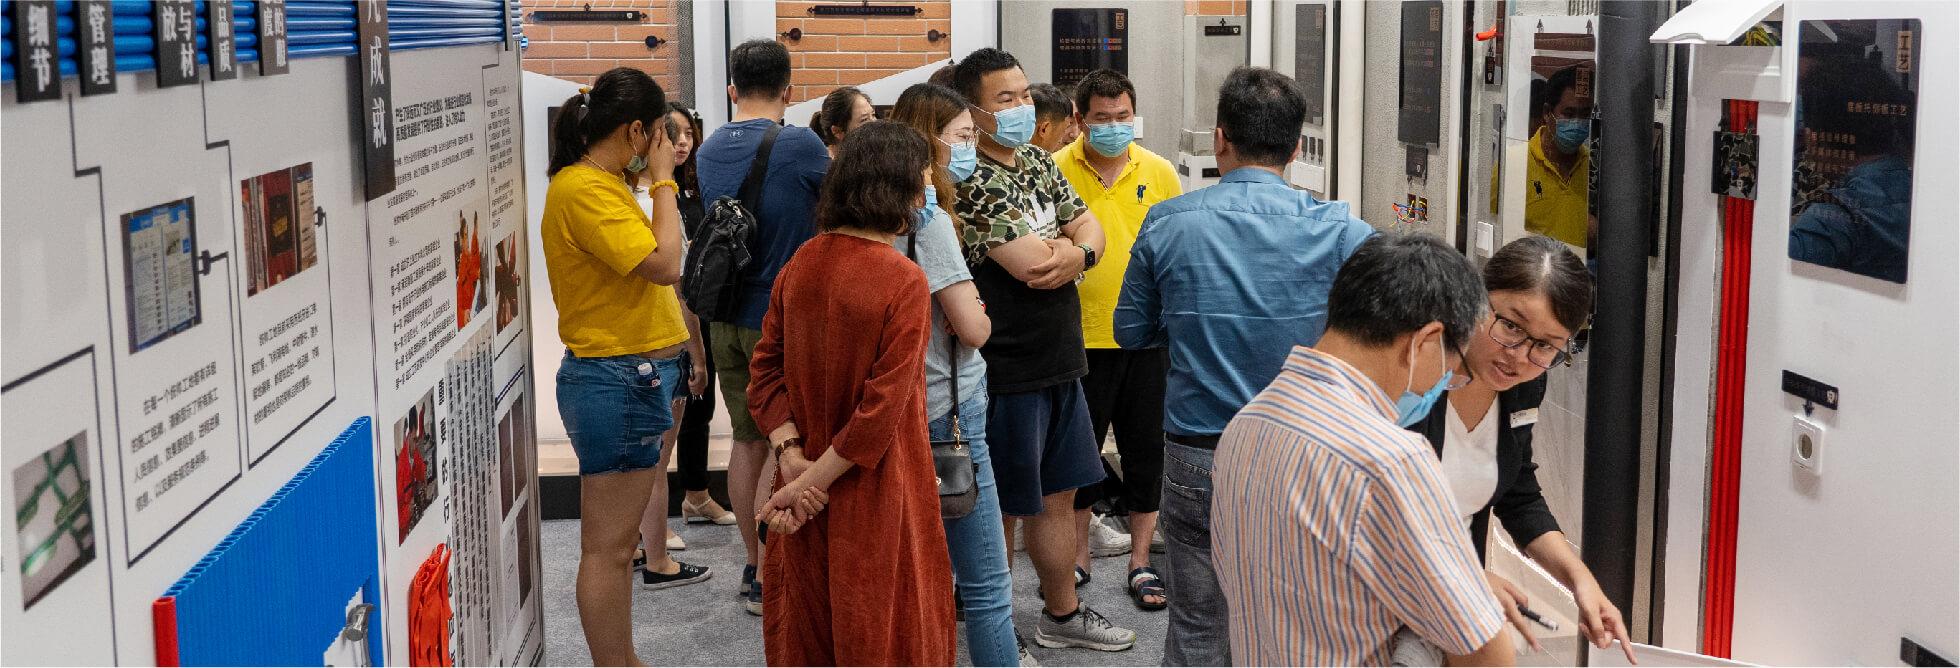 上海家博会现场示图5